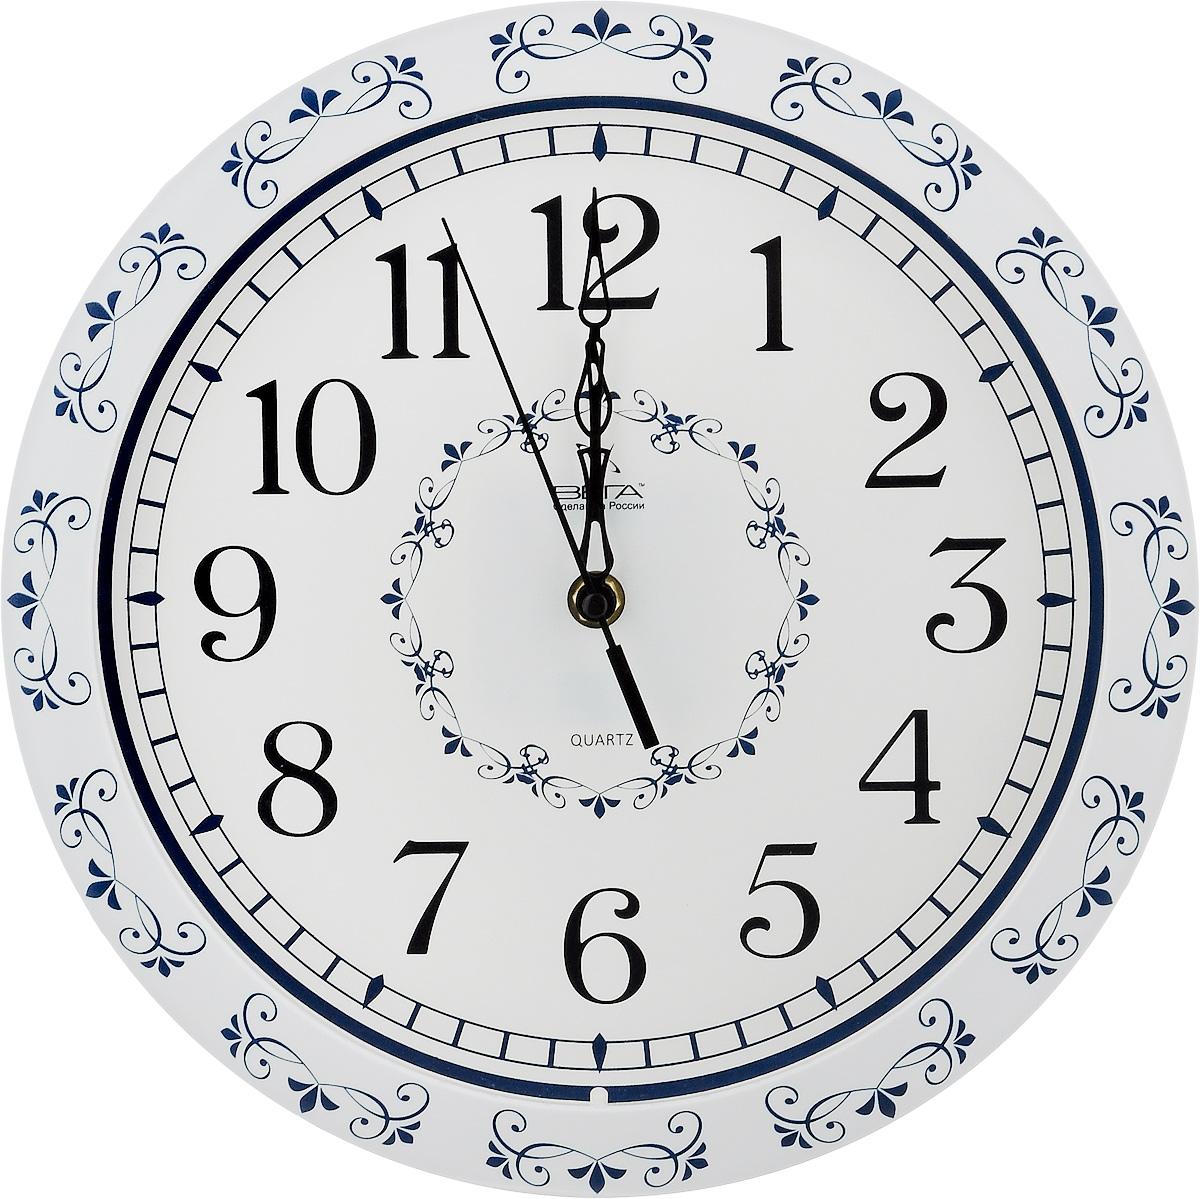 Часы настенные Вега Классика с узором, диаметр 28,5 смП1-7418/7-180Настенные кварцевые часы Вега Классика с узором, изготовленные из пластика, прекрасно впишутся в интерьер вашего дома. Круглые часы имеют три стрелки: часовую, минутную и секундную, циферблат защищен прозрачным стеклом. Часы работают от 1 батарейки типа АА напряжением 1,5 В (не входит в комплект). Диаметр часов: 28,5 см.